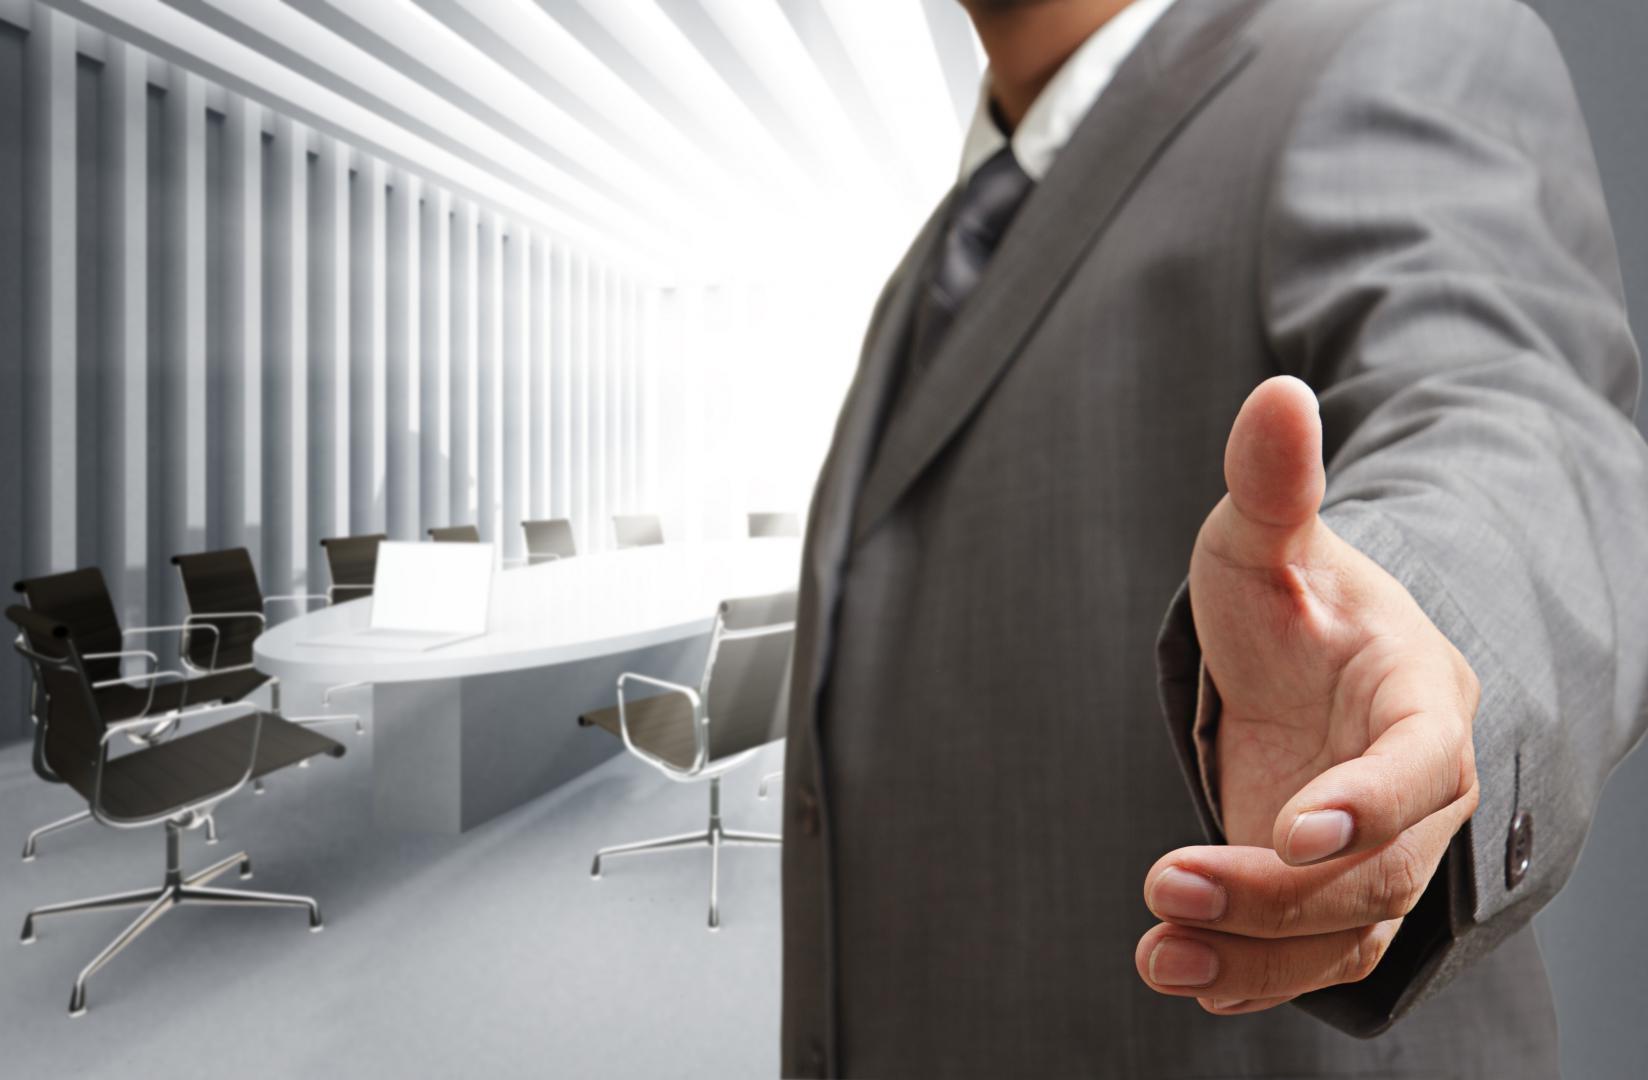 La domiciliation, une étape cruciale pour la création d'entreprise